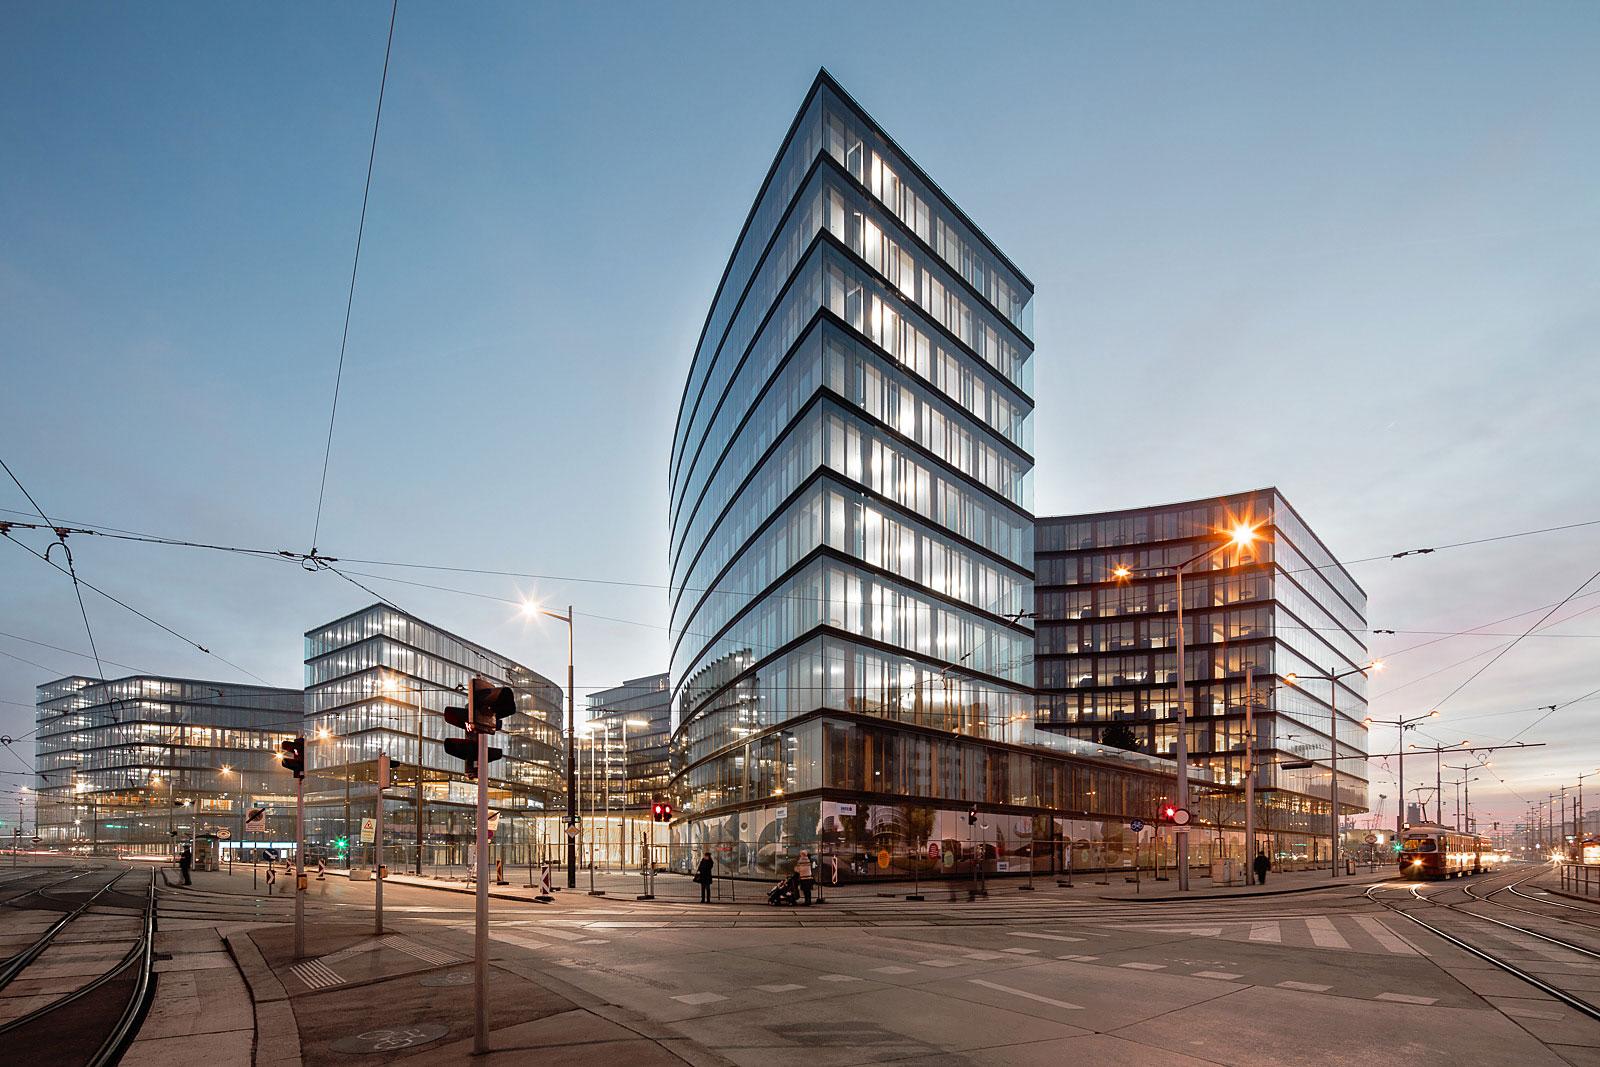 München Architekturfotograf, Henke Schreieck Architekten planen den Erste Bank Campus in Wien